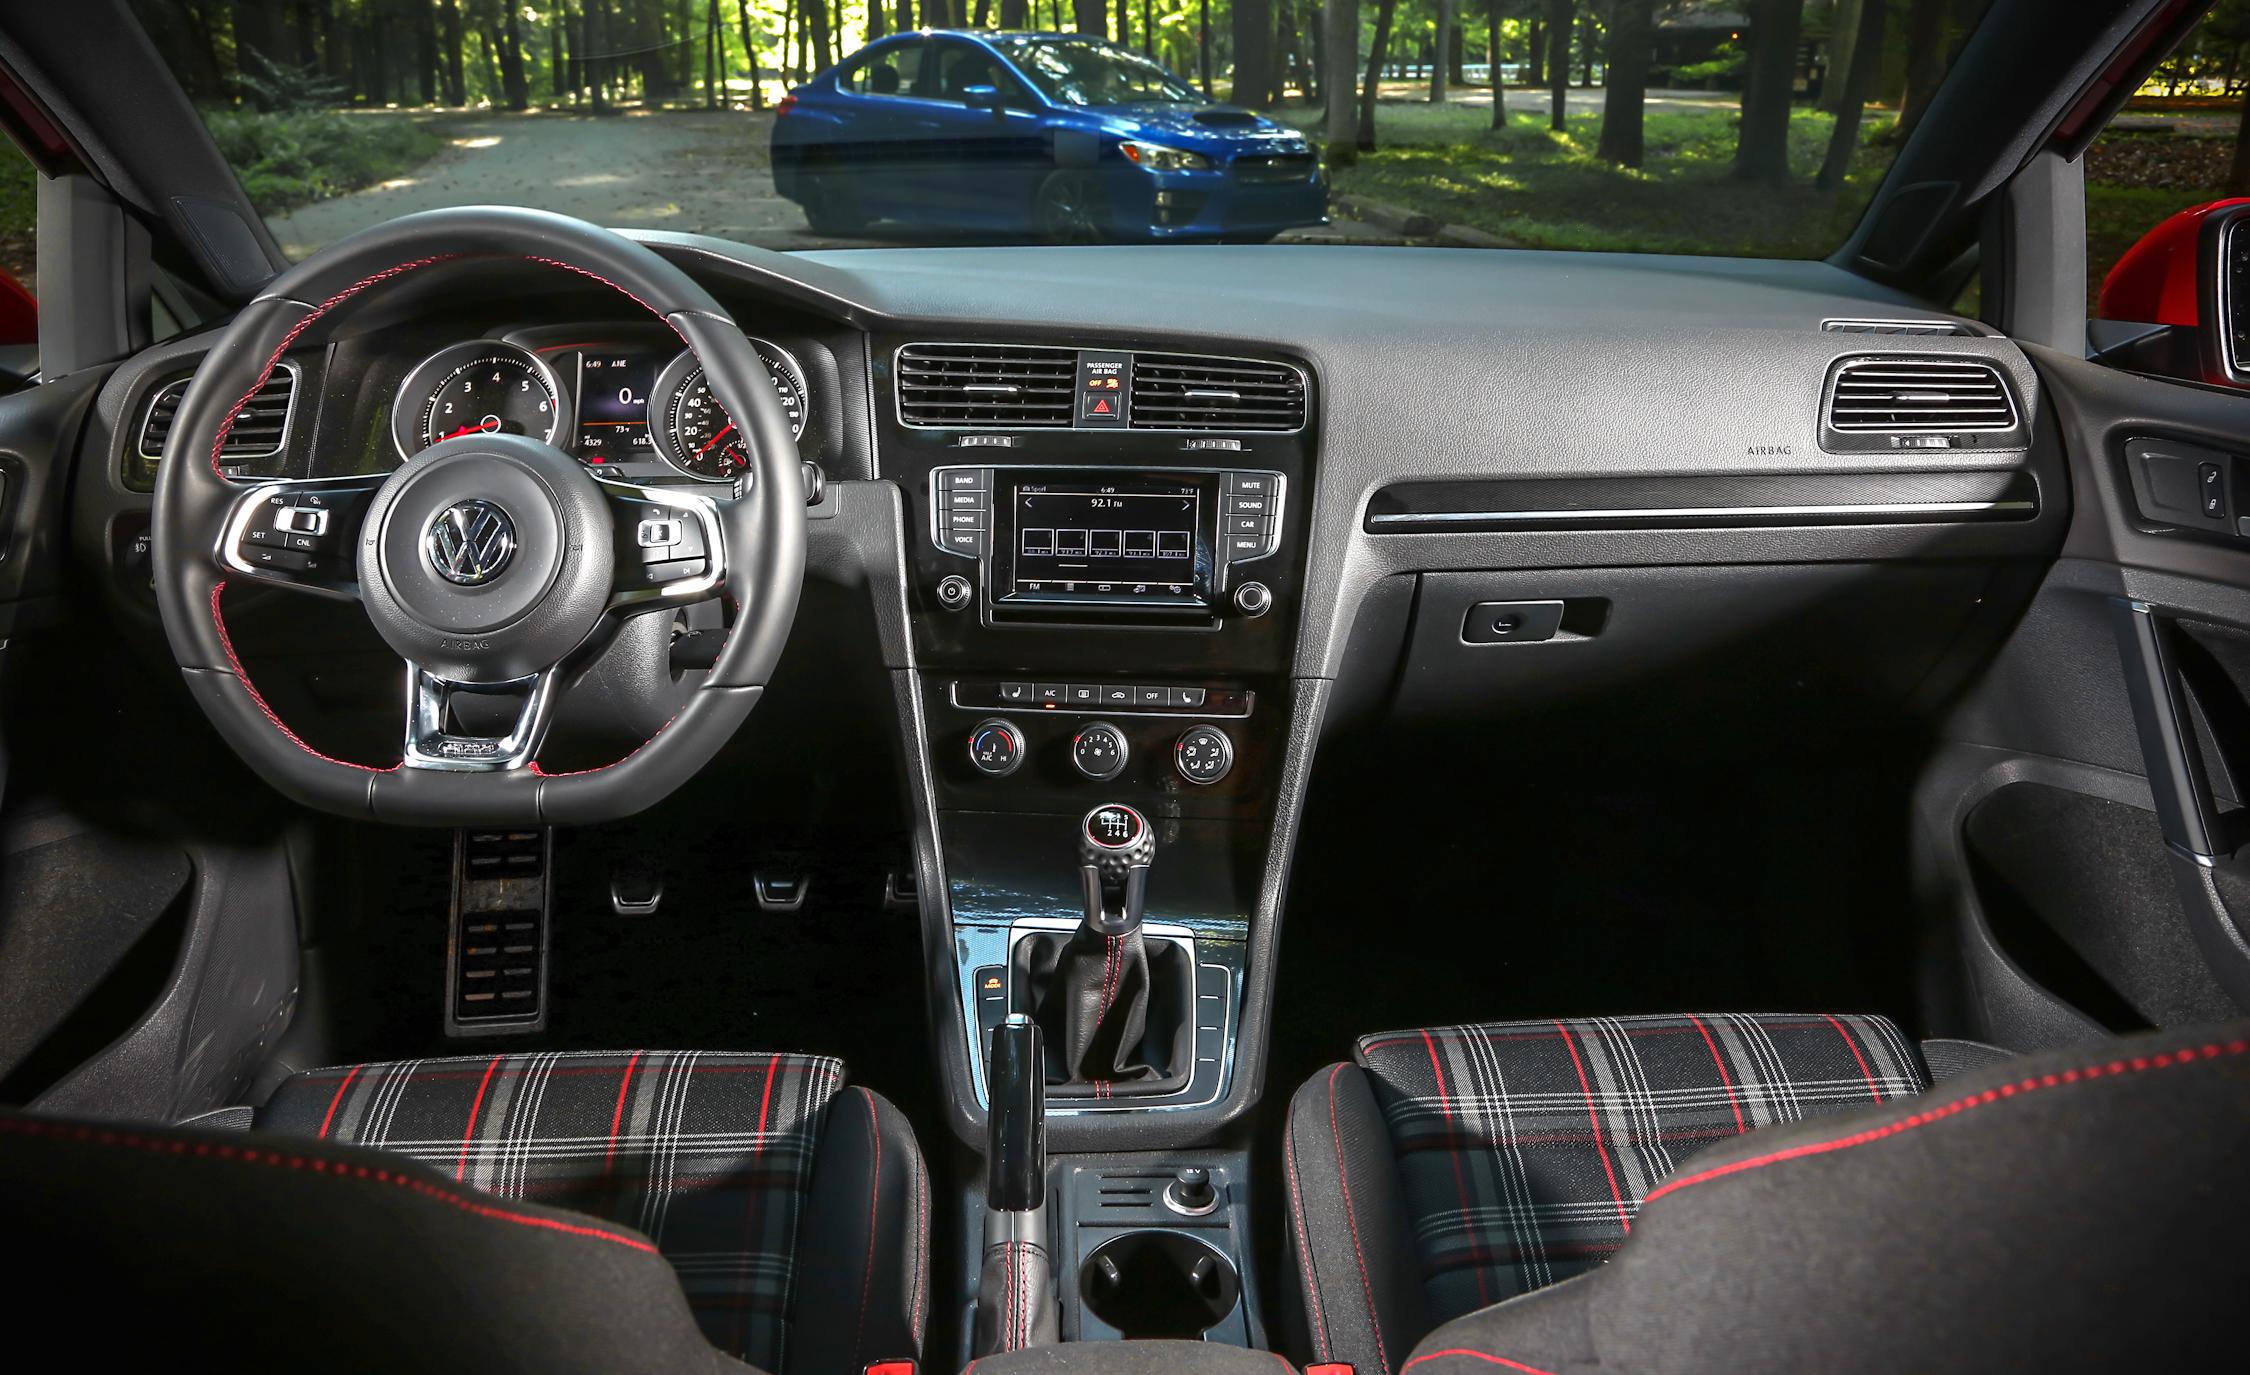 2015 Volkswagen GTI Interior Cockpit and Dashboard